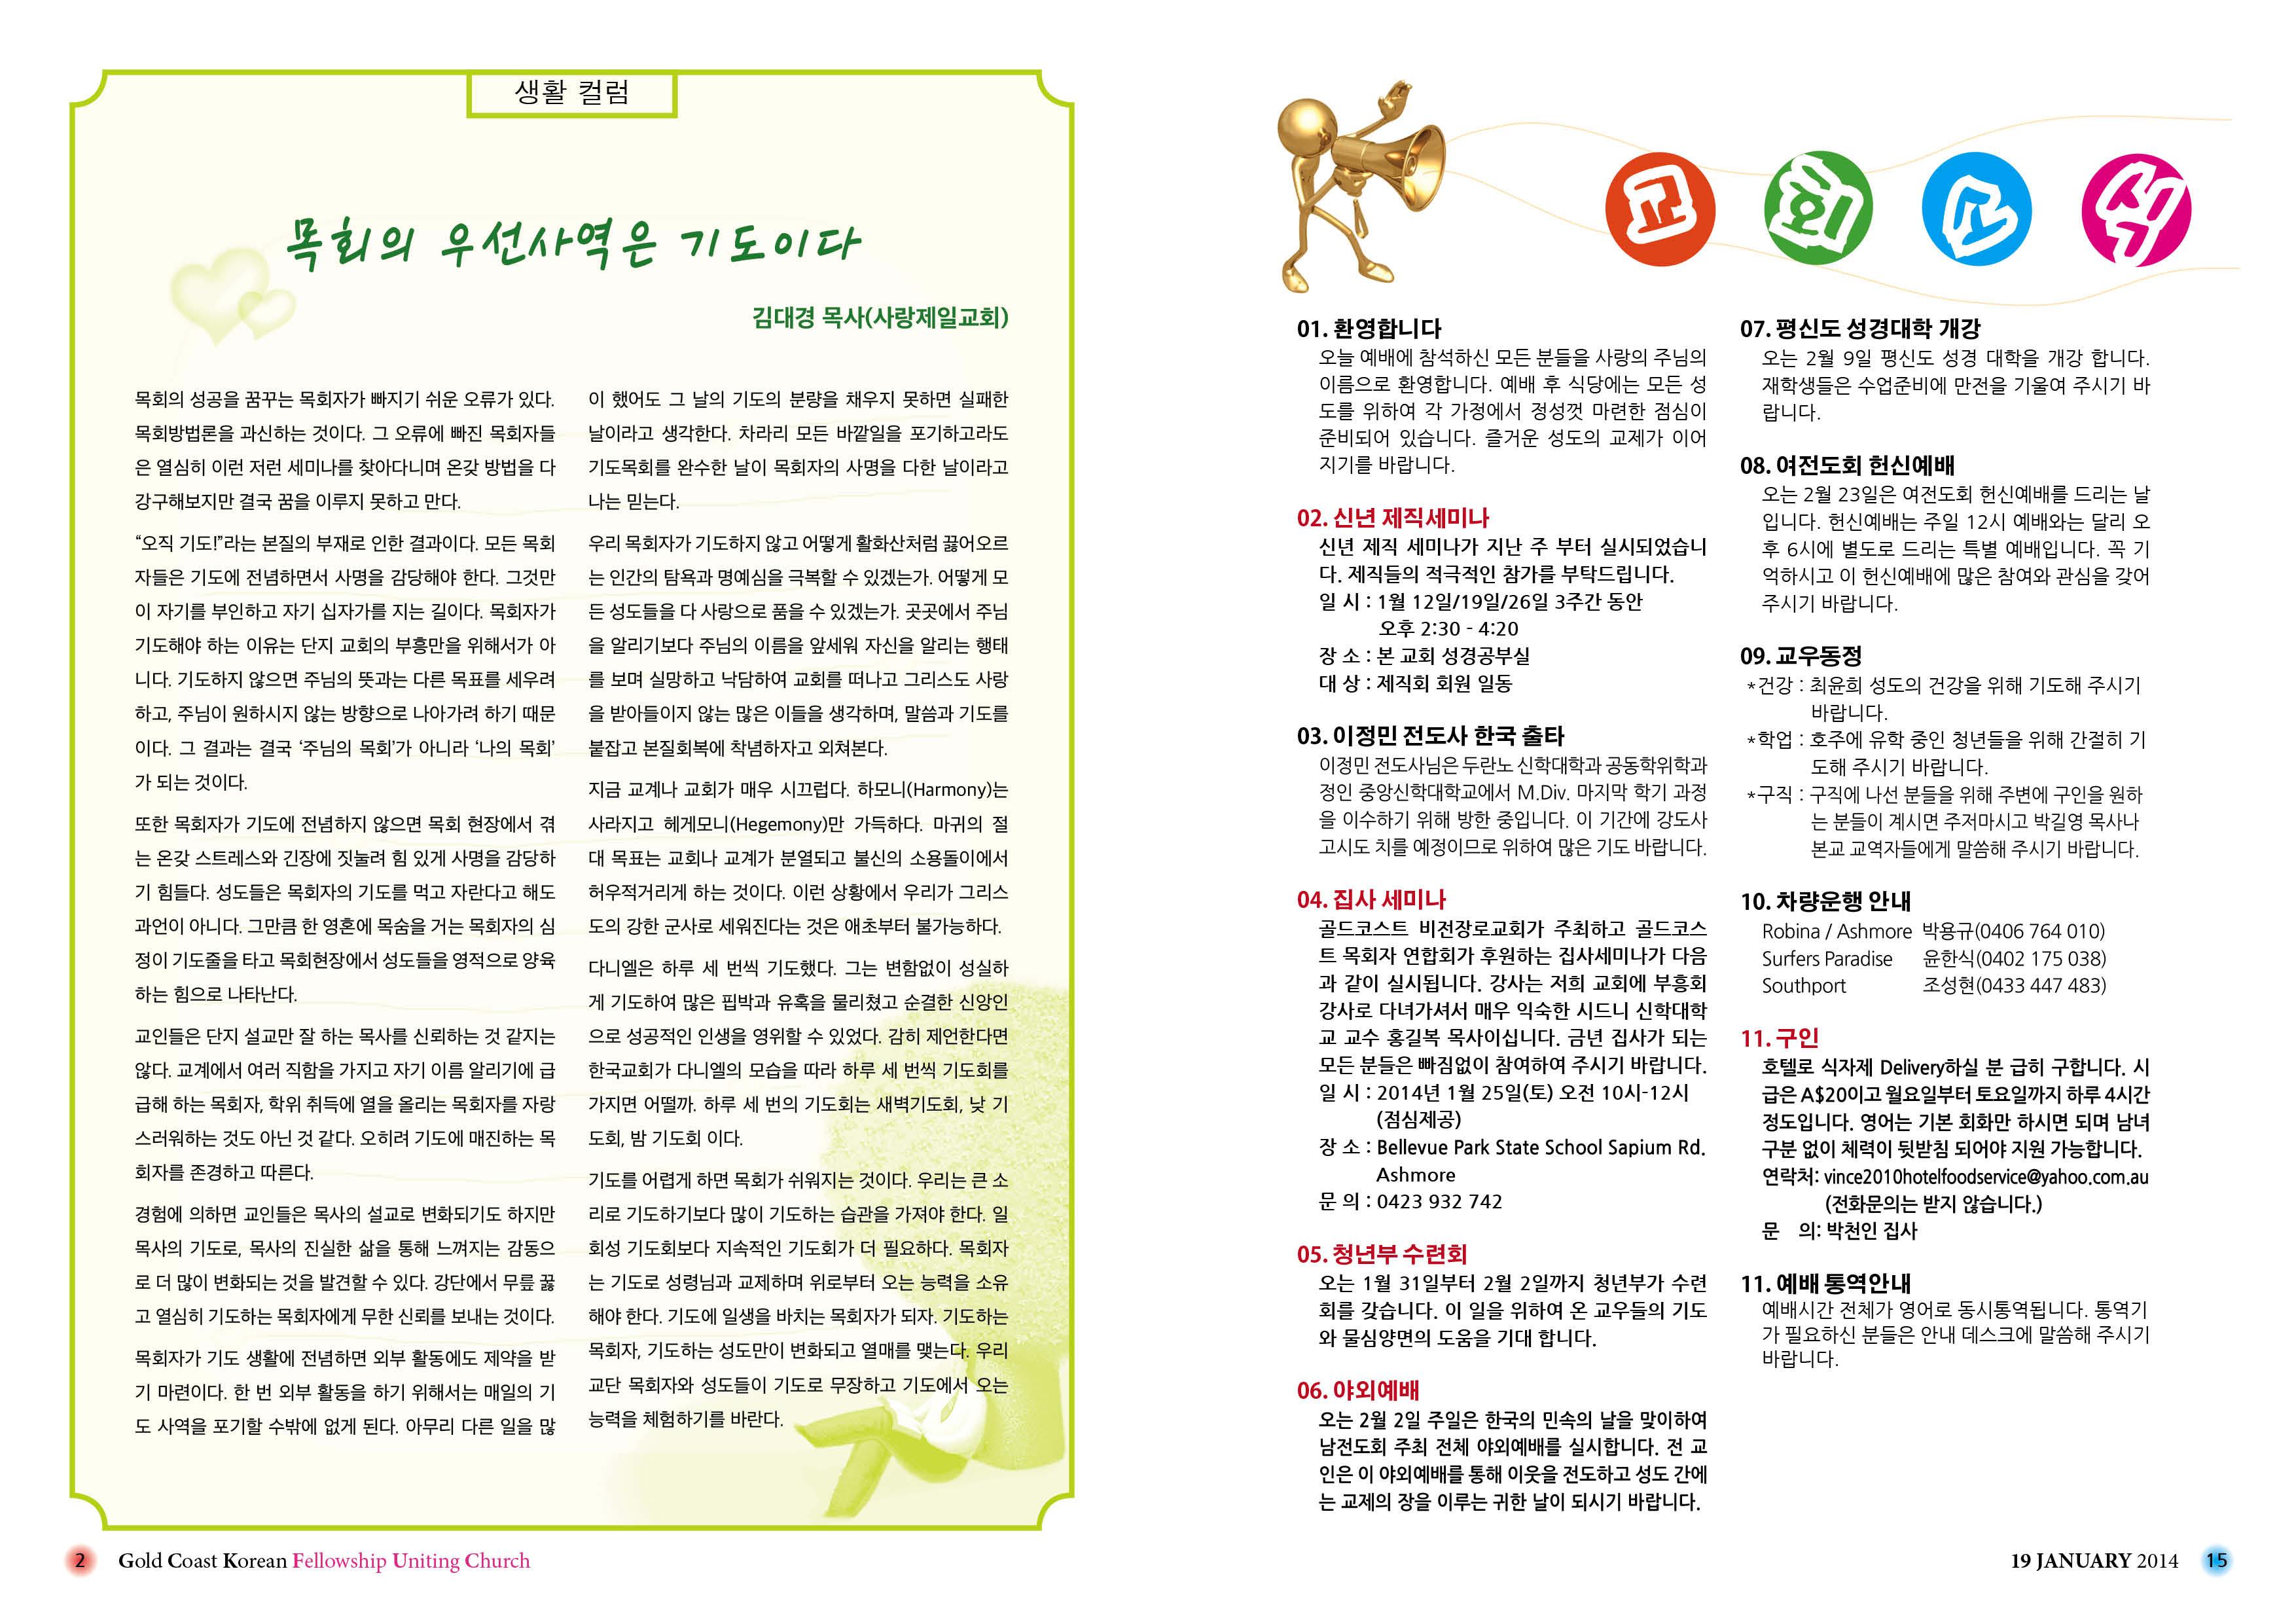 2014.01.19 주보 프린트(1차 수정)2.jpg